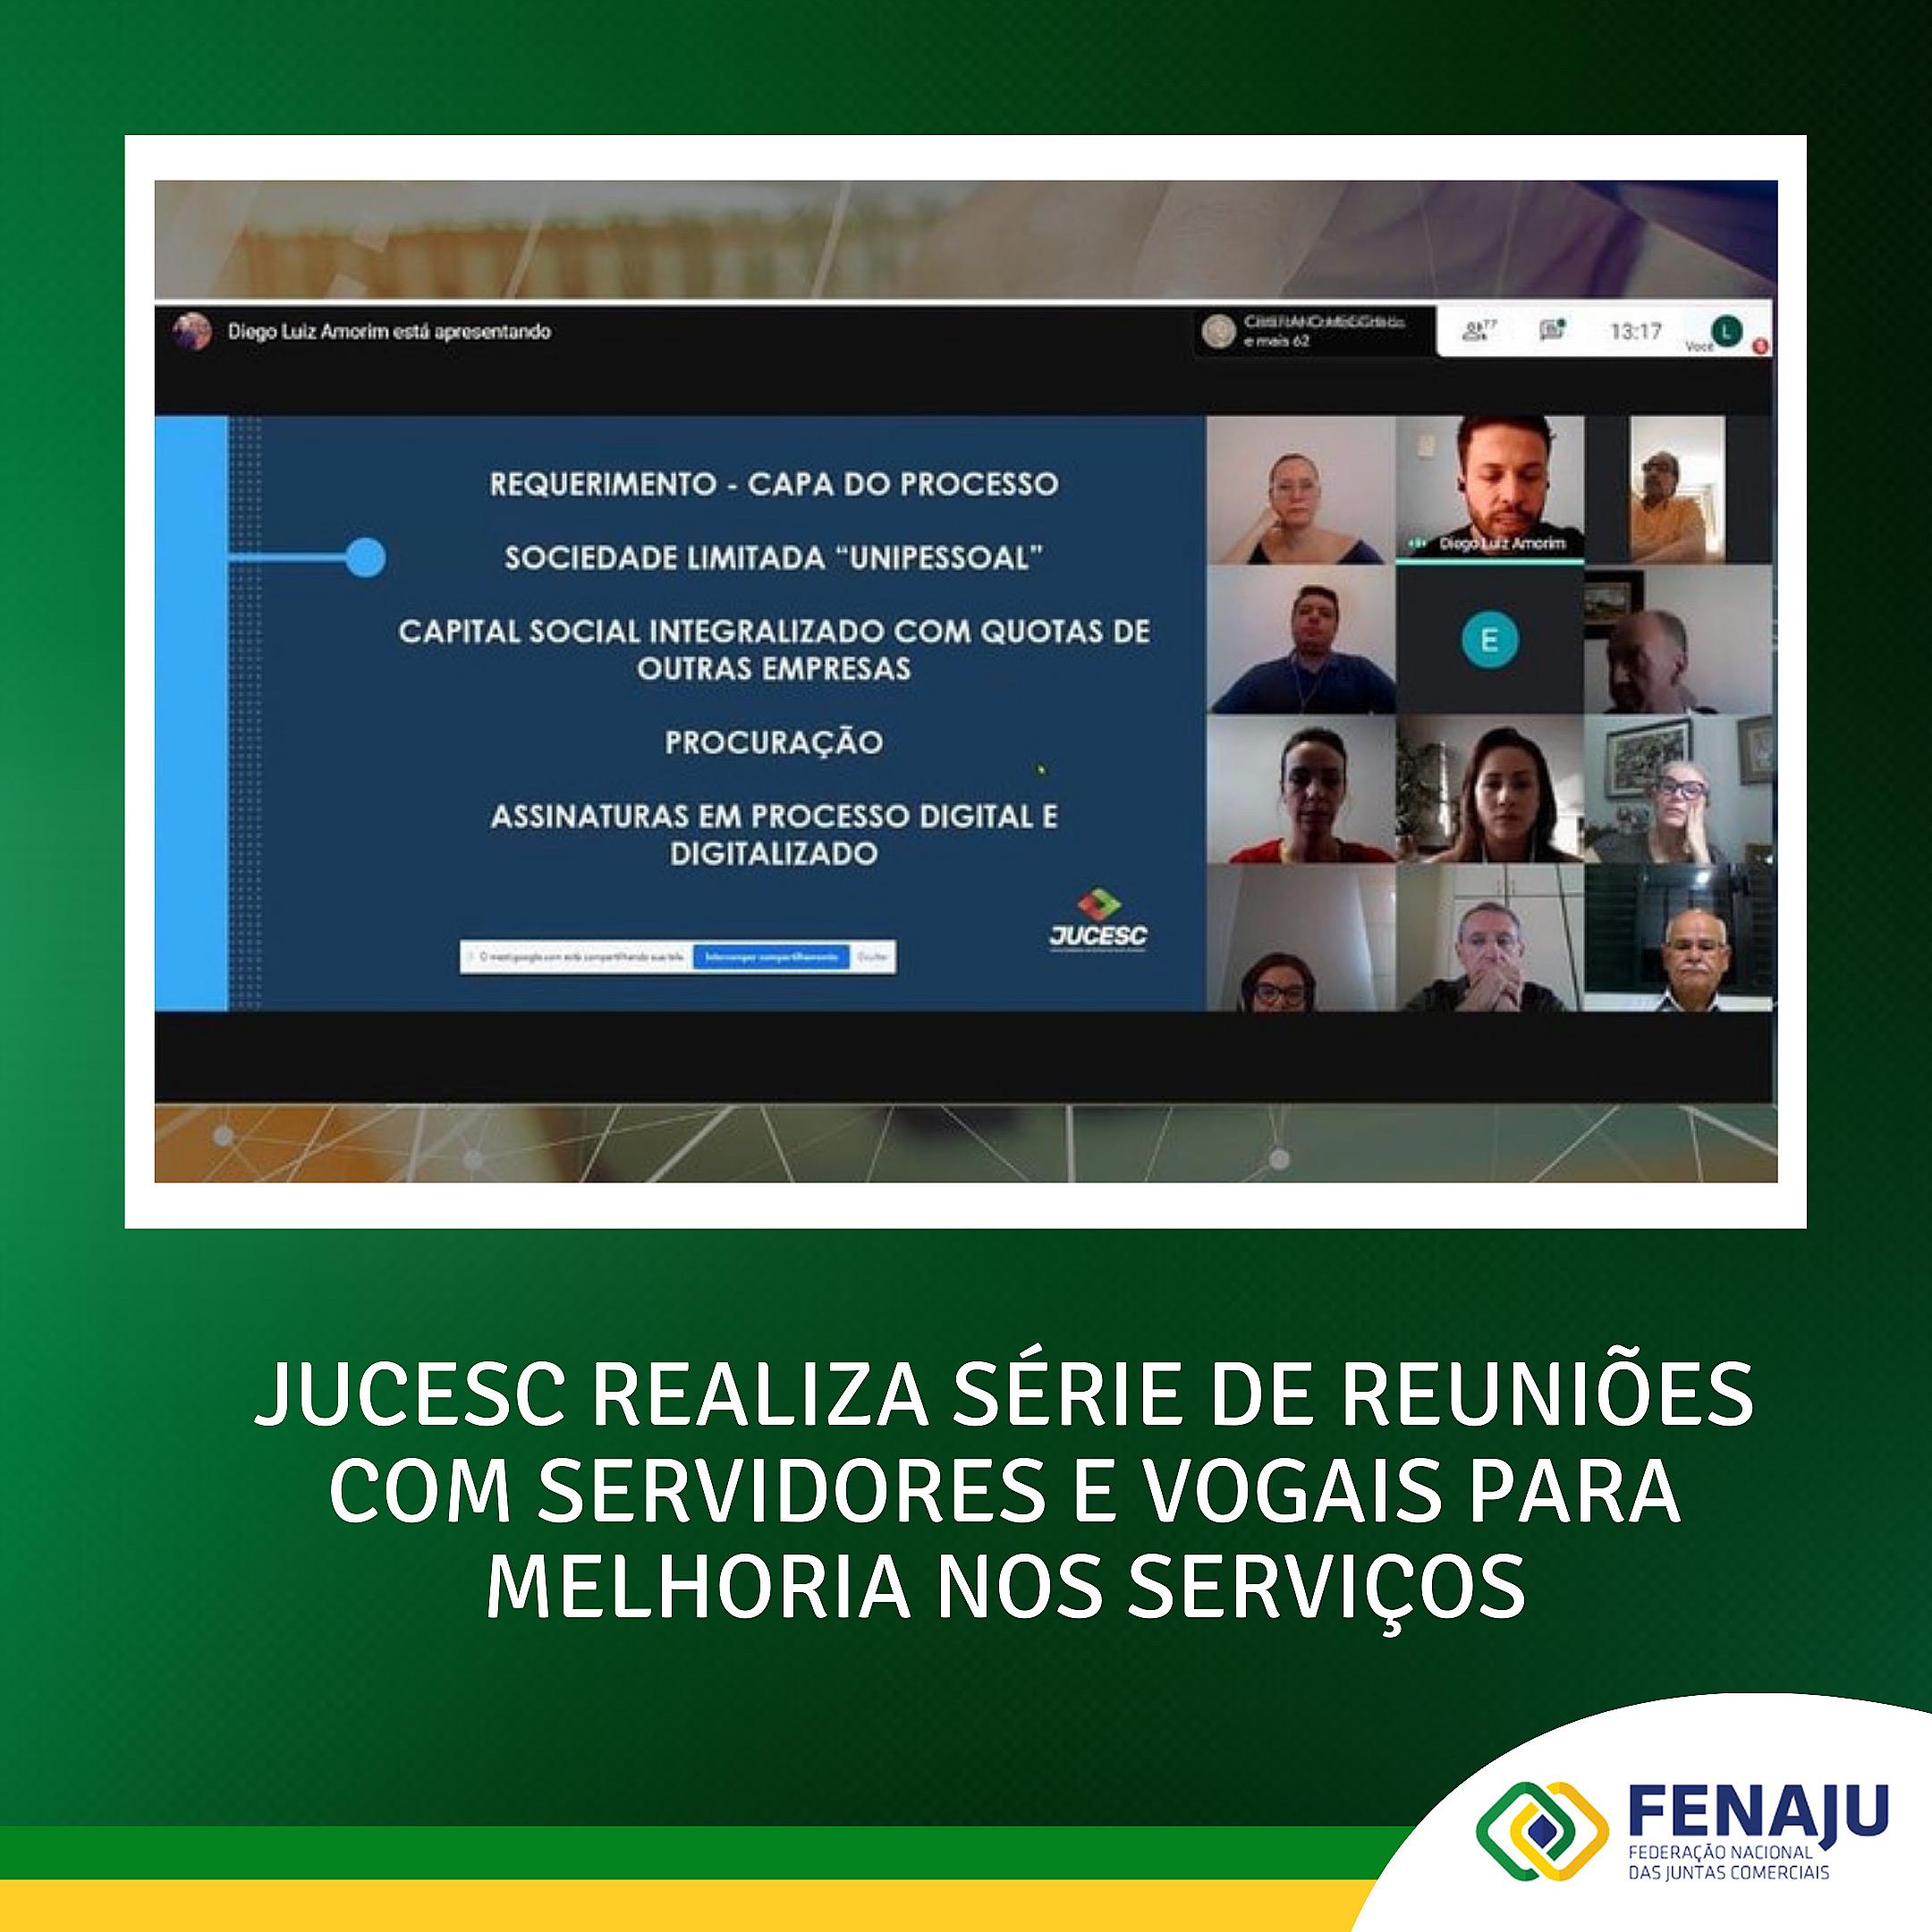 Jucesc realiza série de reuniões com servidores e vogais para melhoria nos serviços